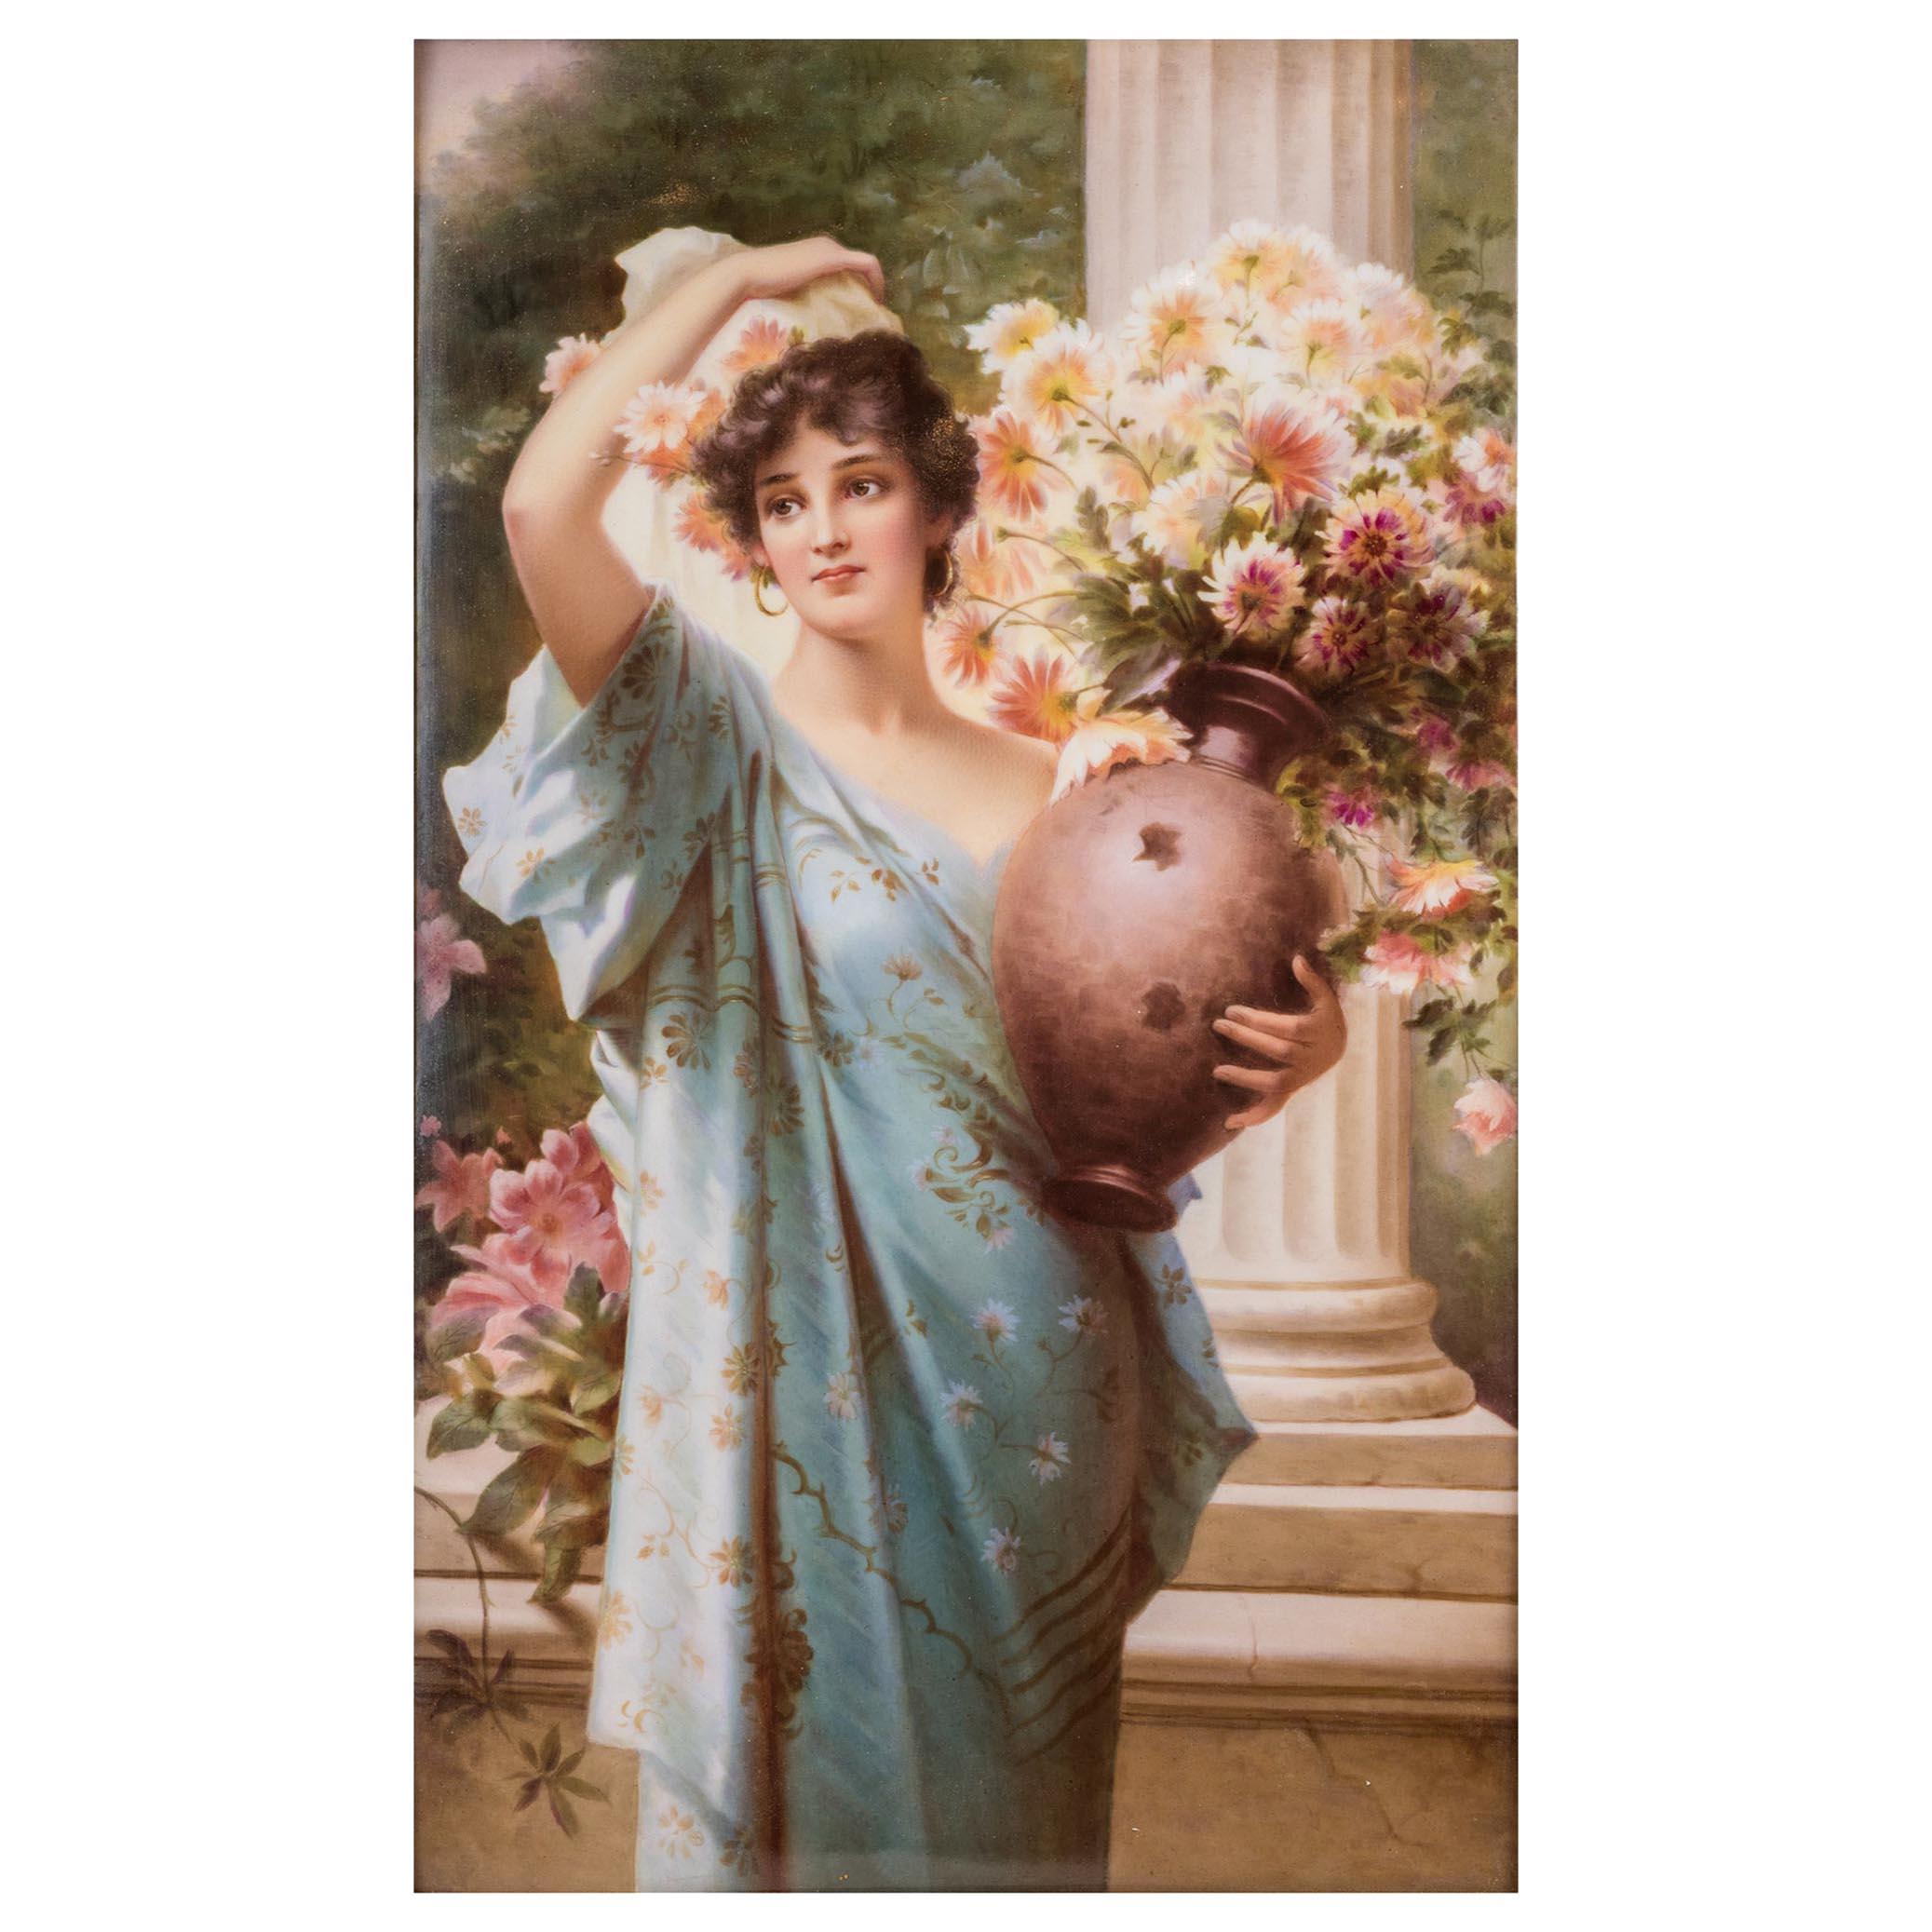 Fine Quality KPM Porcelain Plaque of a Young Beauty